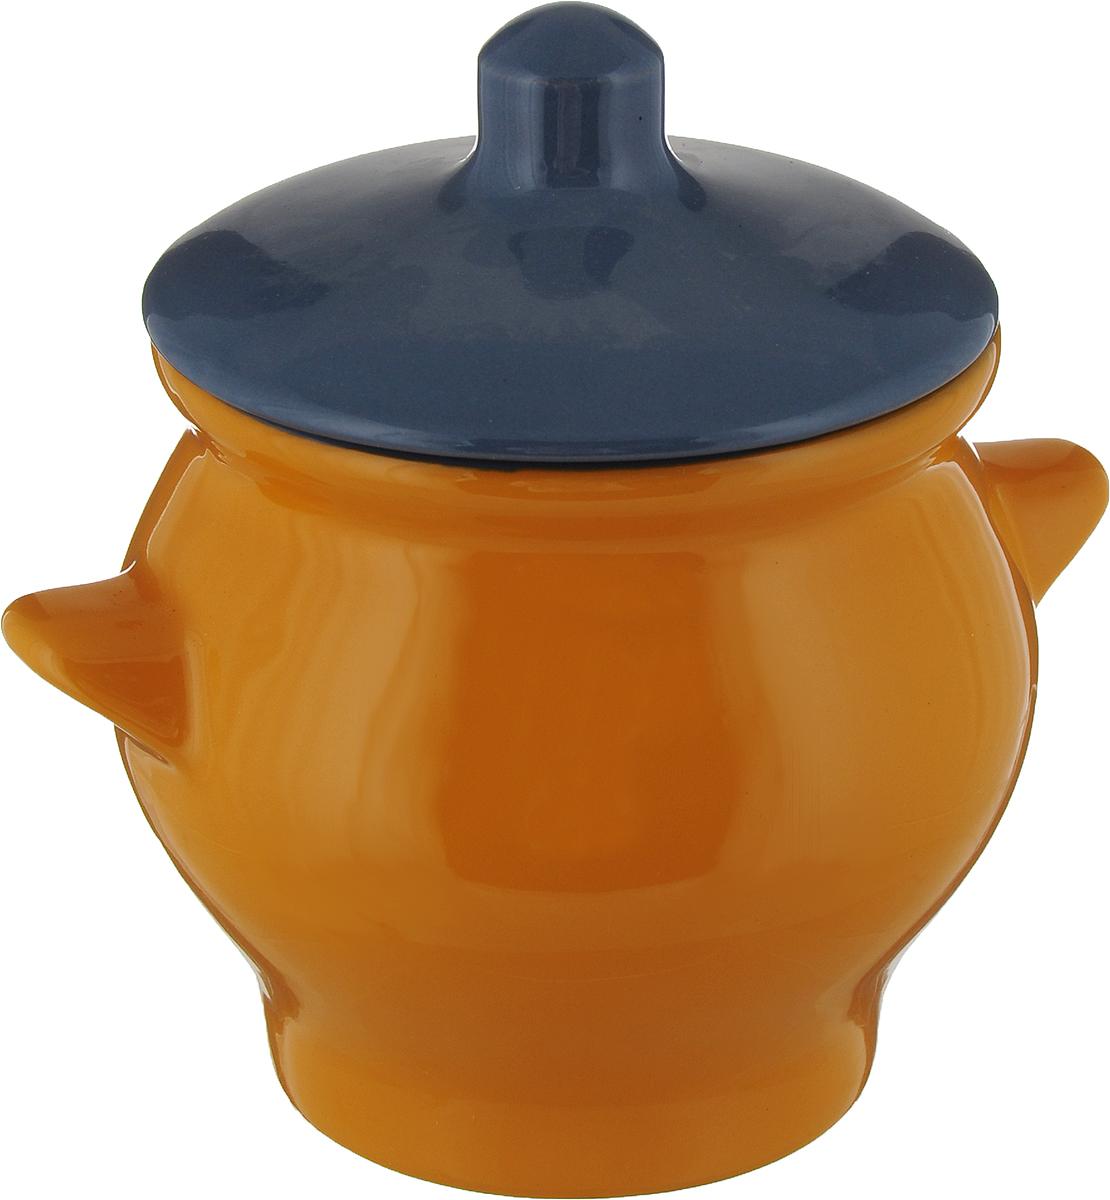 Горшочек для запекания Борисовская керамика Радуга, цвет: желтый, серо-синий, 650 мл горшочек для жаркого борисовская керамика русский мрамор